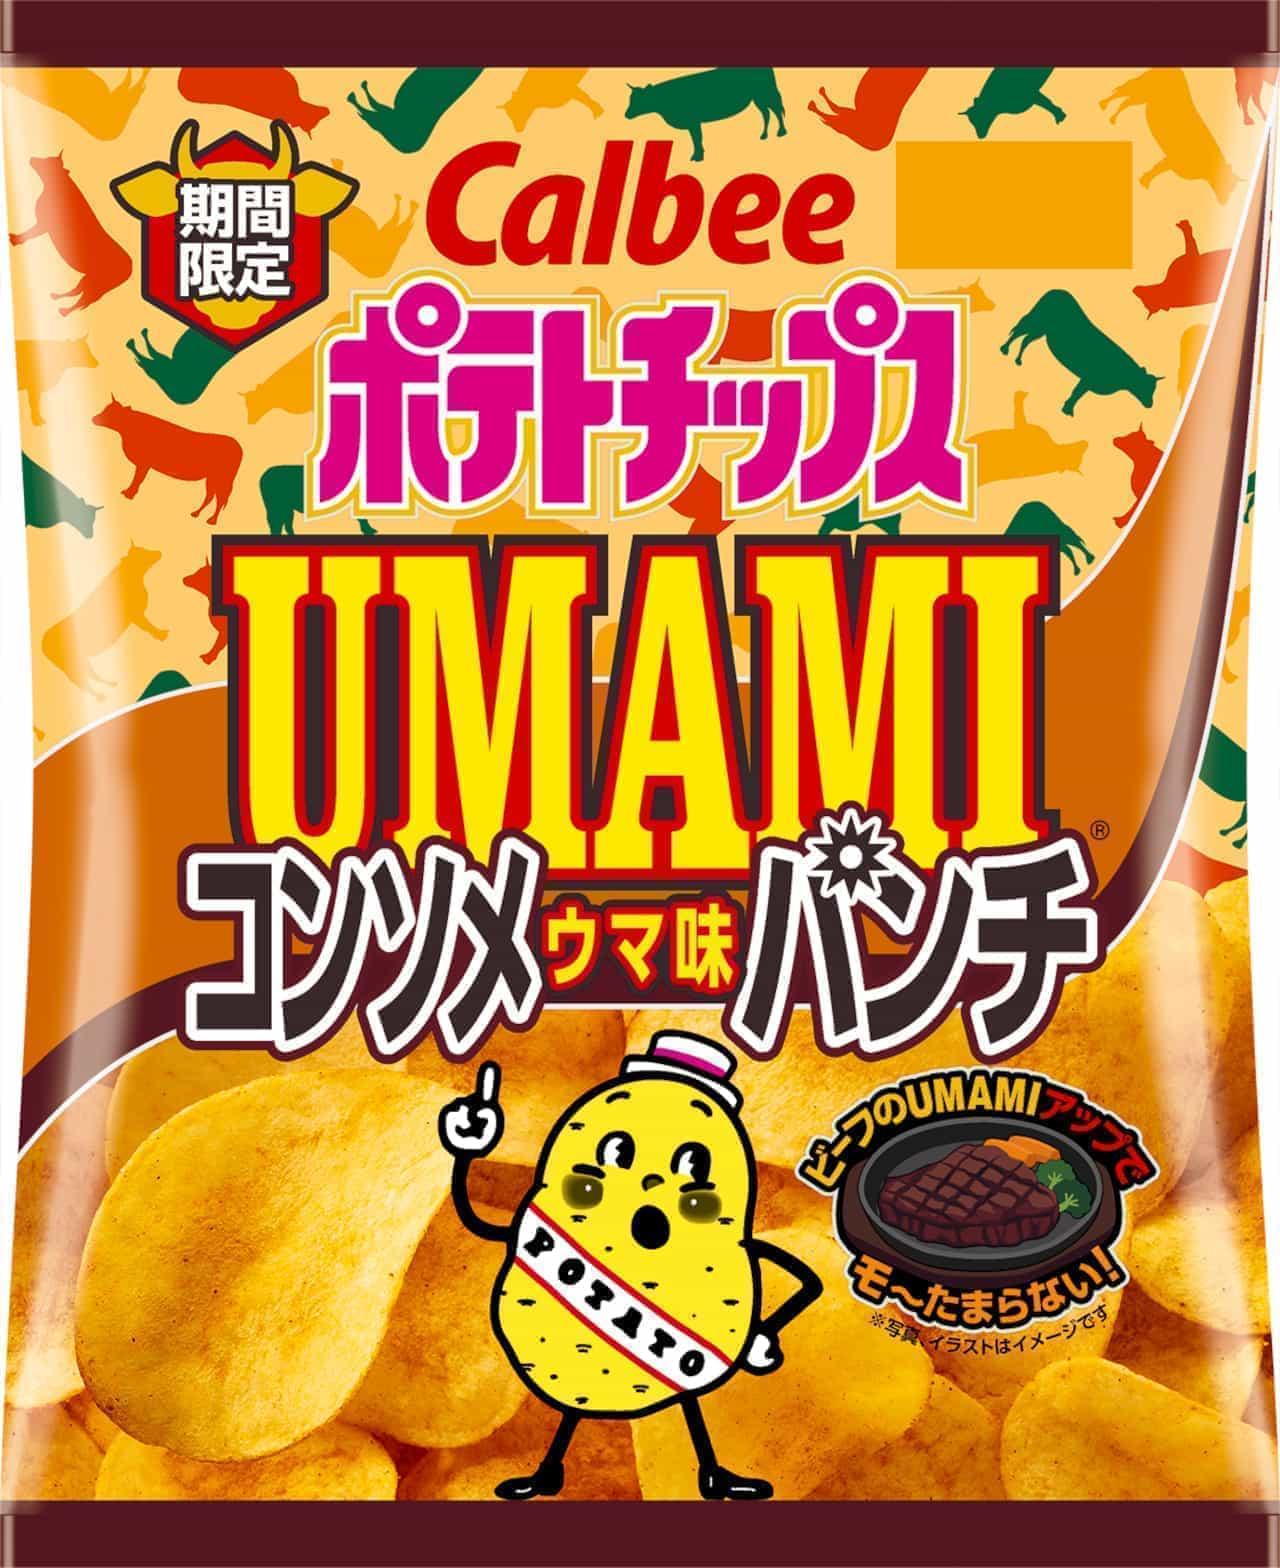 ポテトチップス コンソメUMAMIパンチ